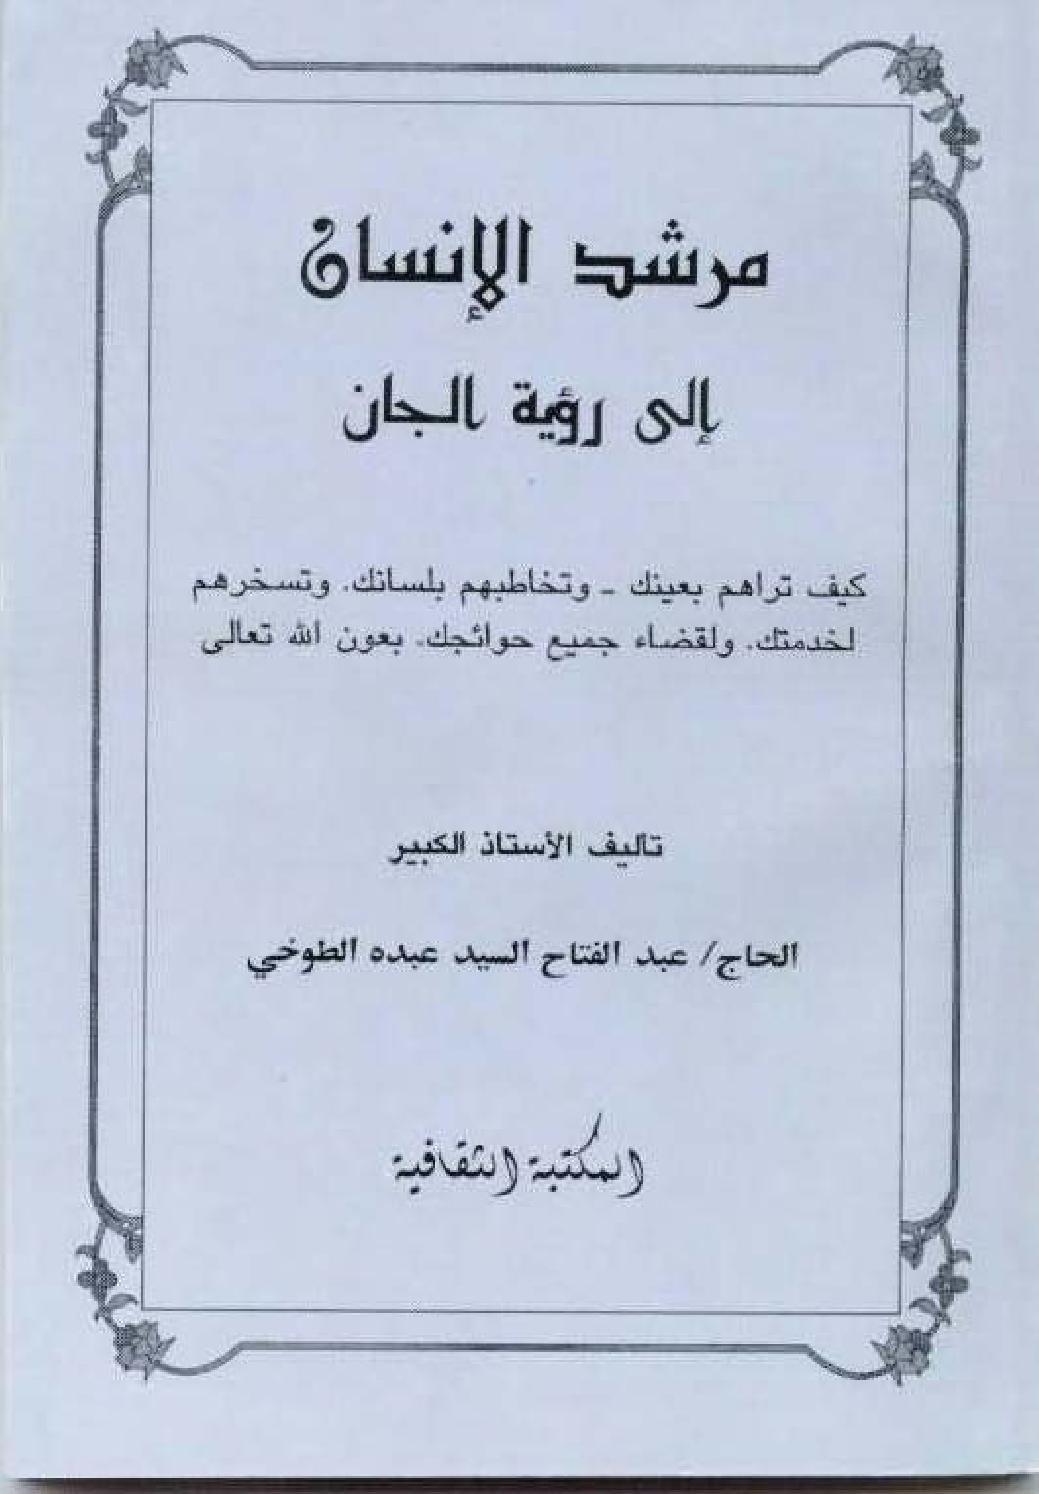 مرشد الانسان الى رؤيه الجان | Ebooks free books, Free ebooks download  books, Free pdf books